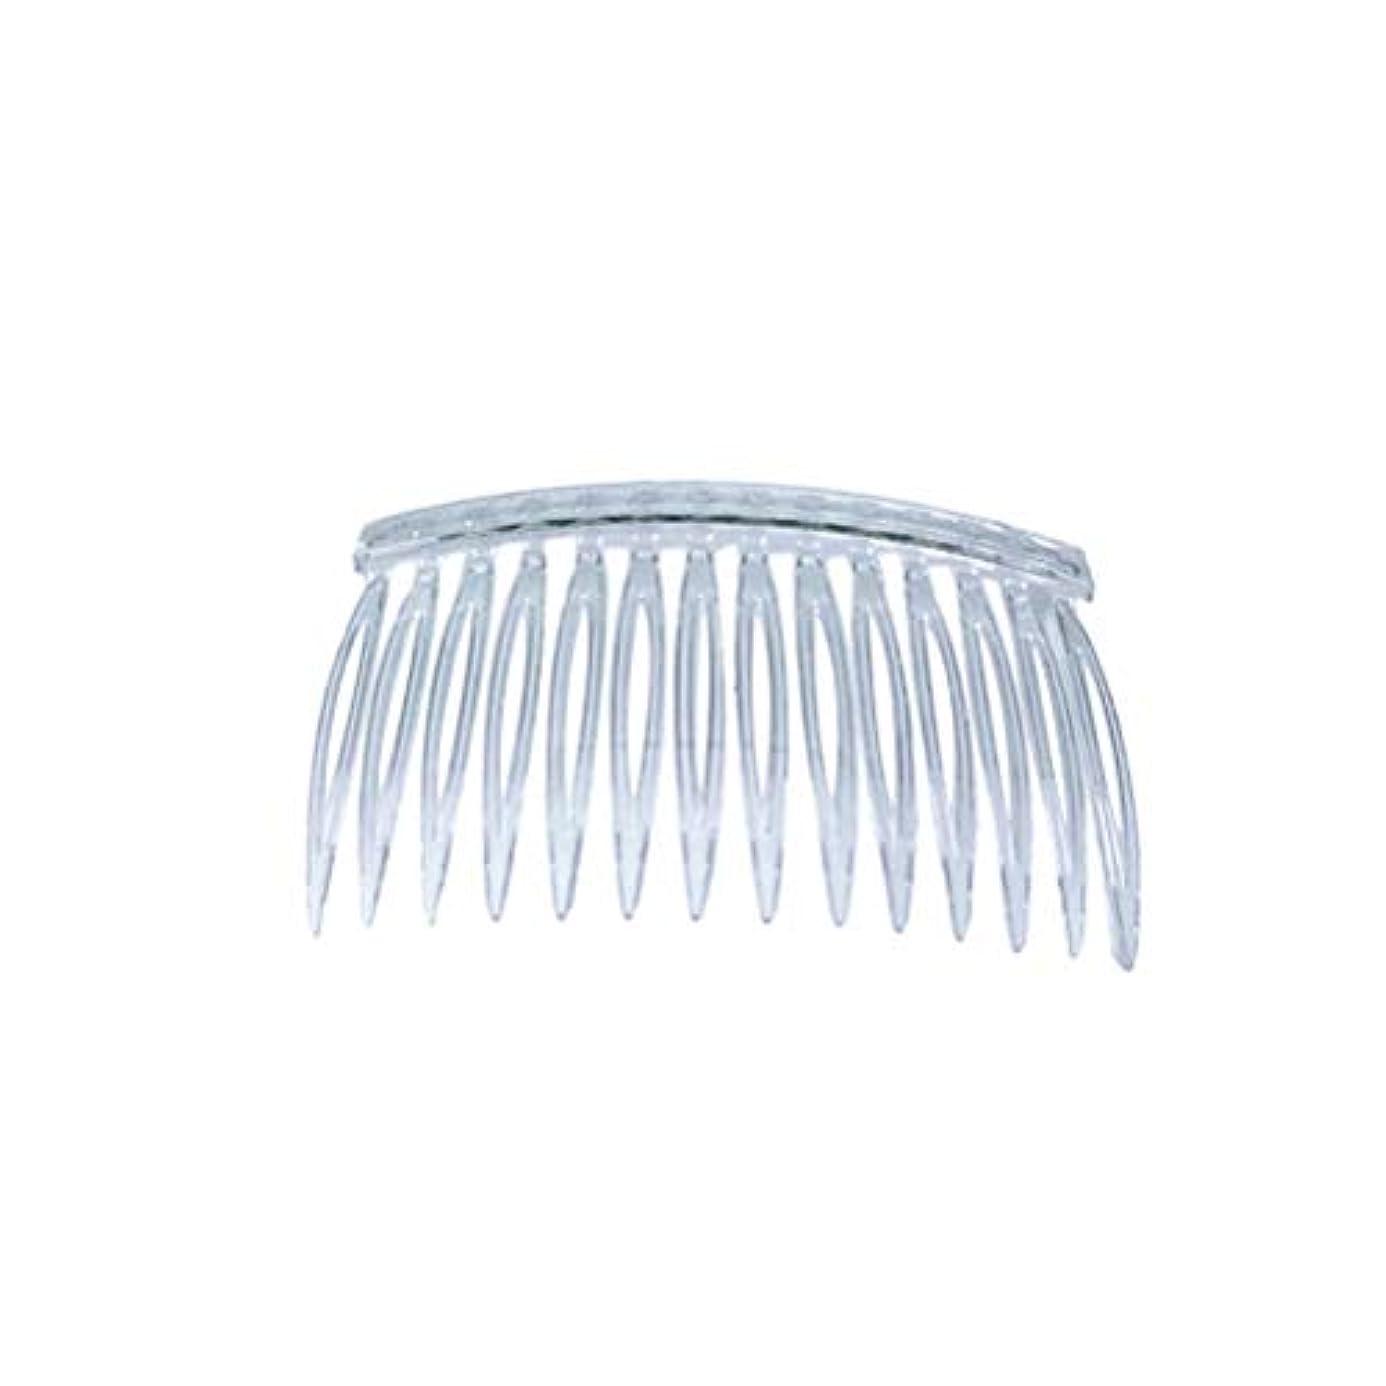 谷とんでもない複合Frcolor ヘアコーム ヘアアレンジ コーム かんざし ヘッドドレス 髪の櫛 髪飾り ヘアアクセサリー まとめ髪 プラスチック 透明 10本セット